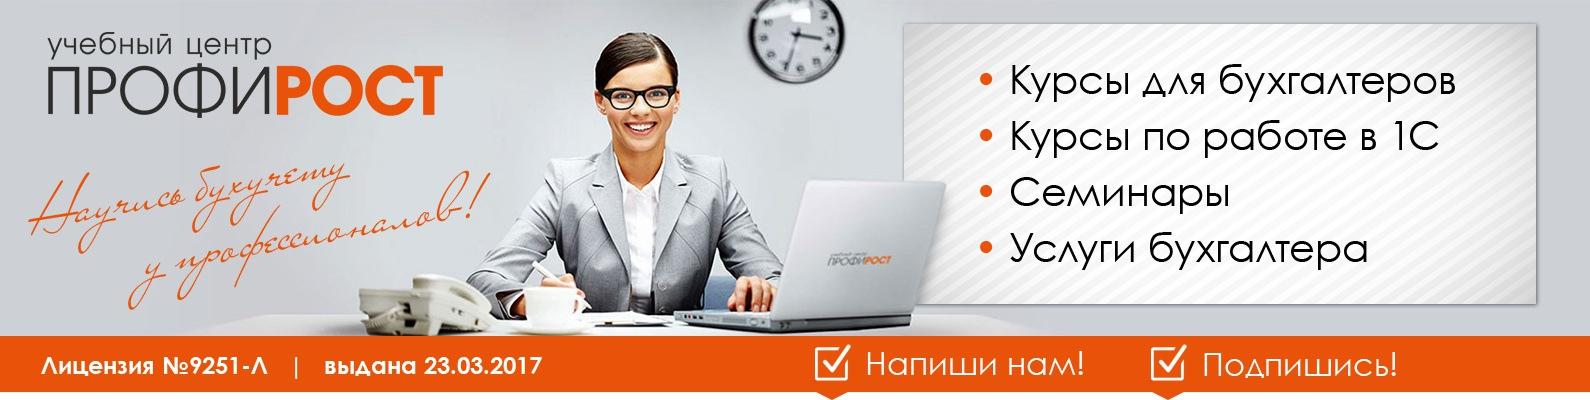 Работа в красноярске бухгалтерам на дому бухгалтер экономист вакансии москва